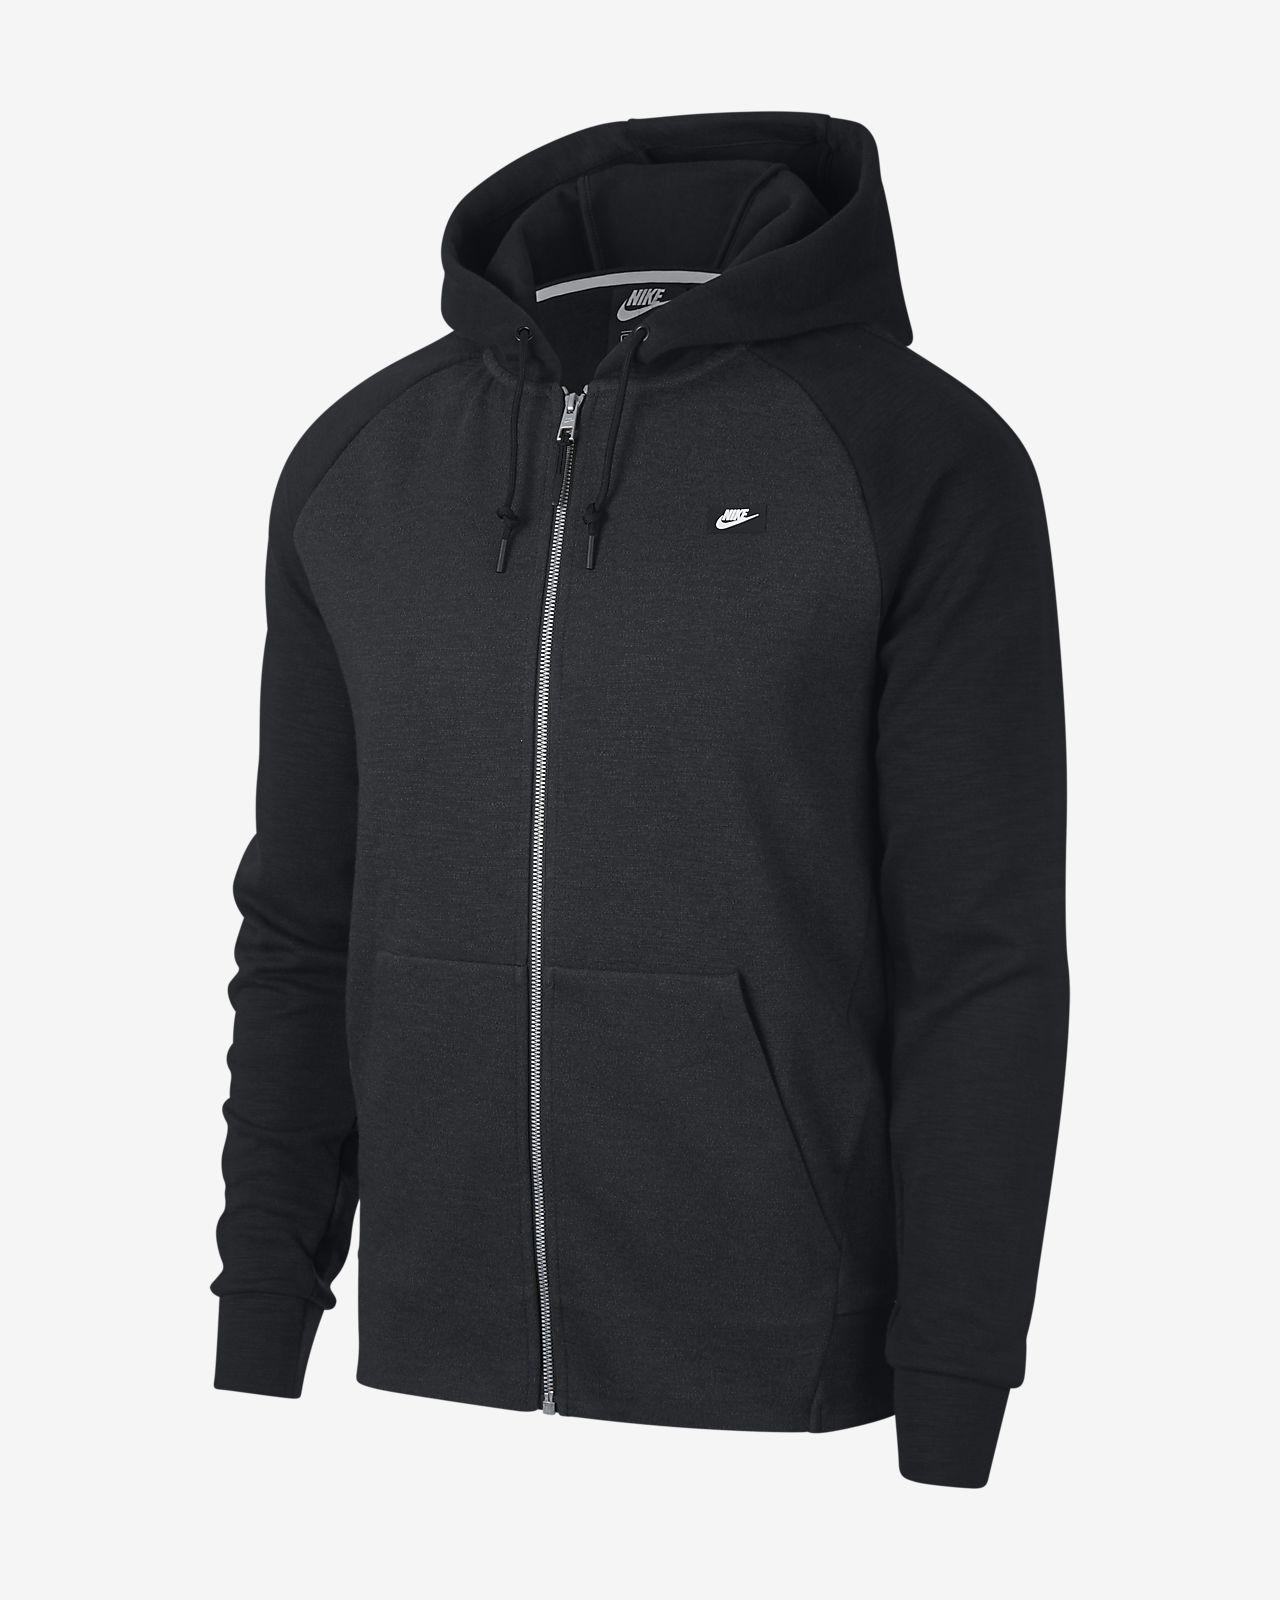 Nike Sportswear Optic Men's Full-Zip Hoodie